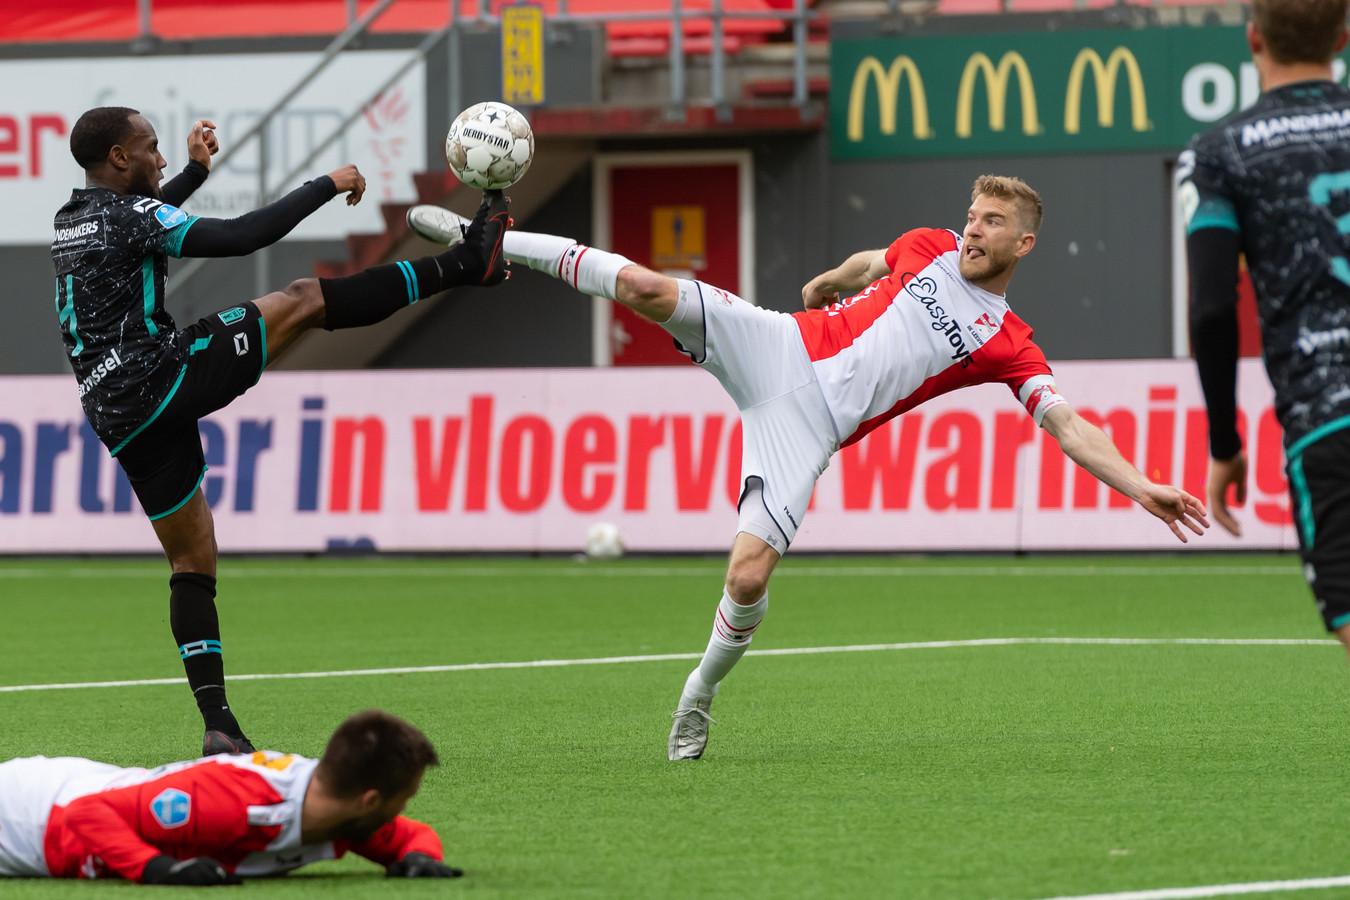 Een hoogstaand duel tussen de jarige Vurnon Anita (links) en FC Emmen-topscorer Michael de Leeuw. Dit was trouwens niet het penalty-moment.